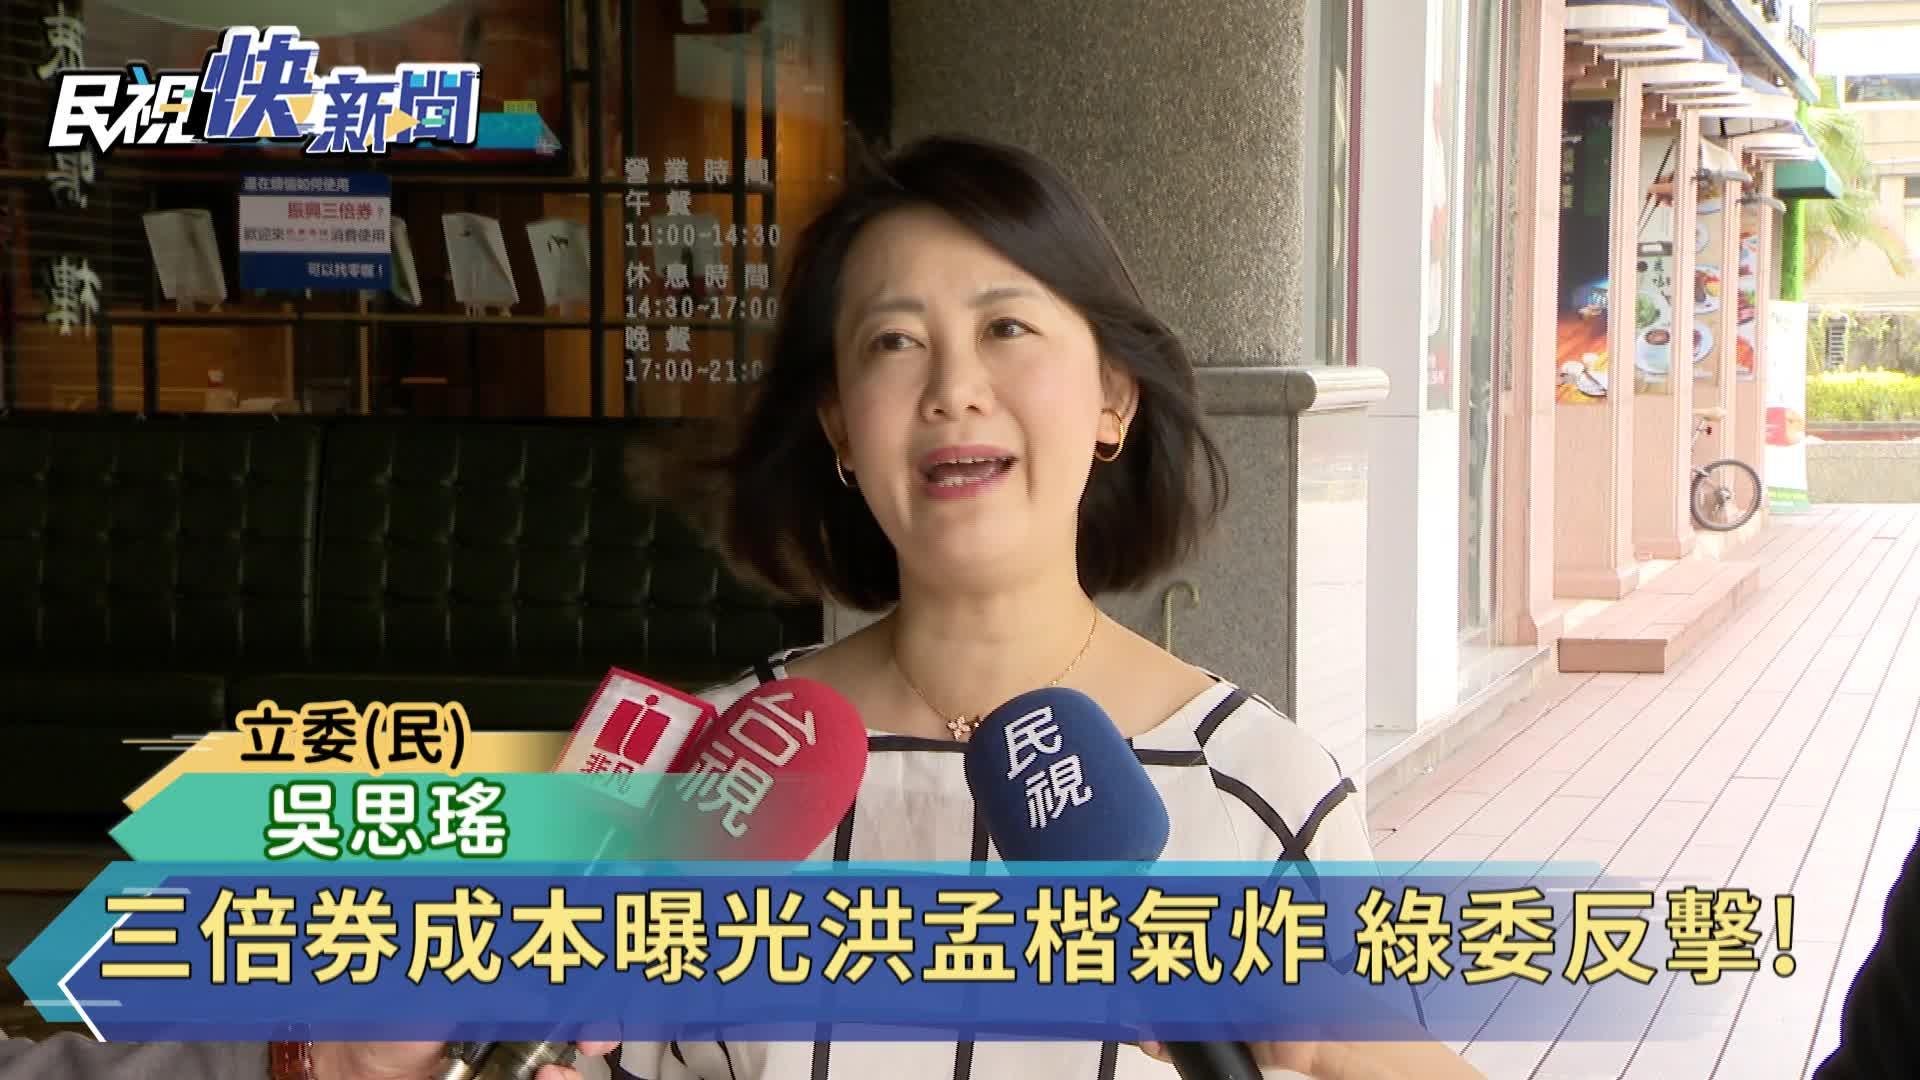 三倍券成本曝光洪孟楷氣炸 綠委反擊!